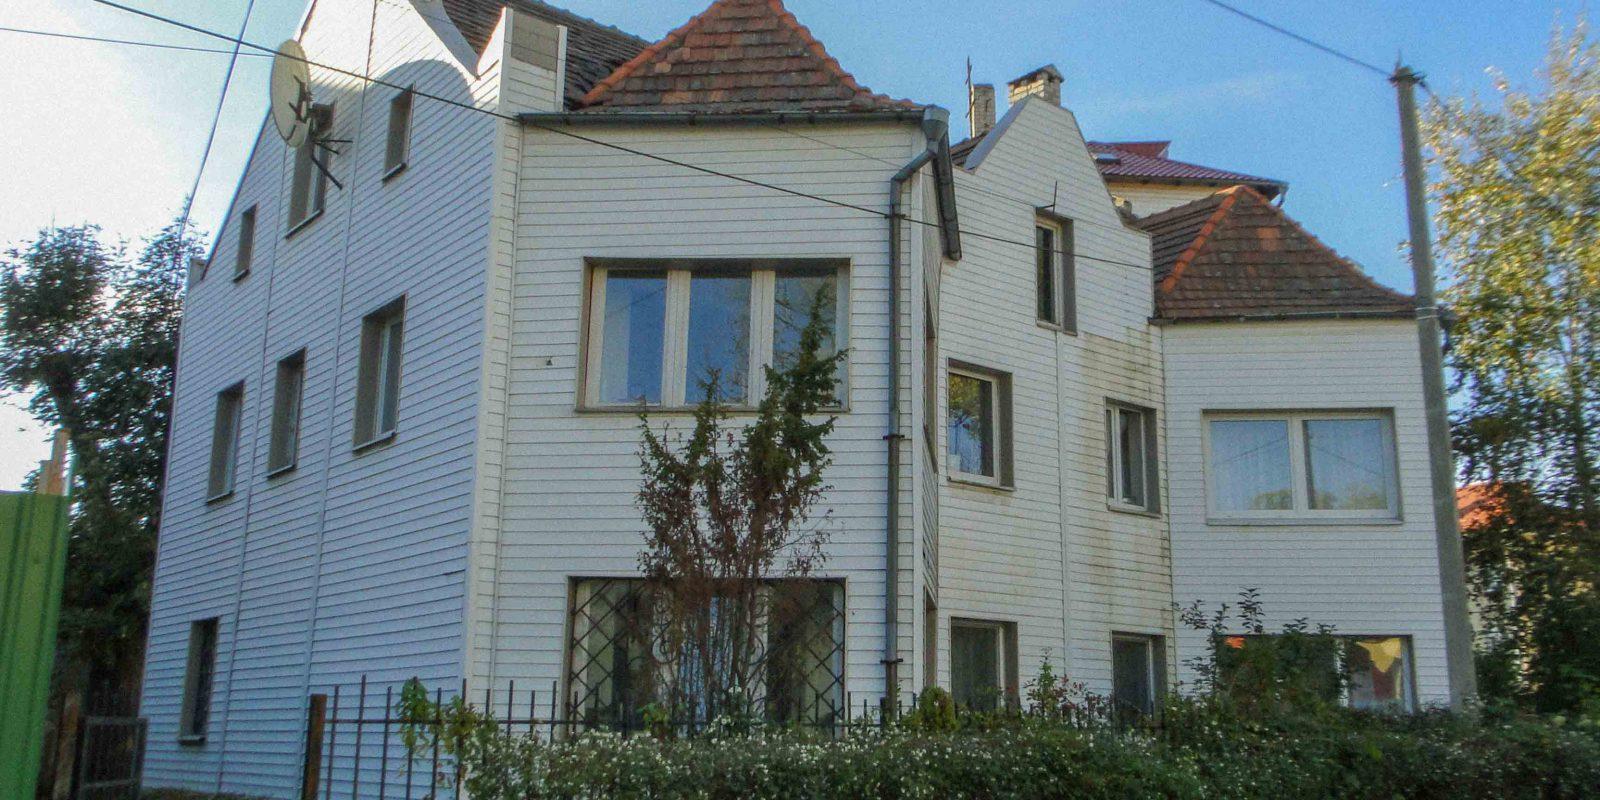 Обследование жилой квартиры и части кровли здания